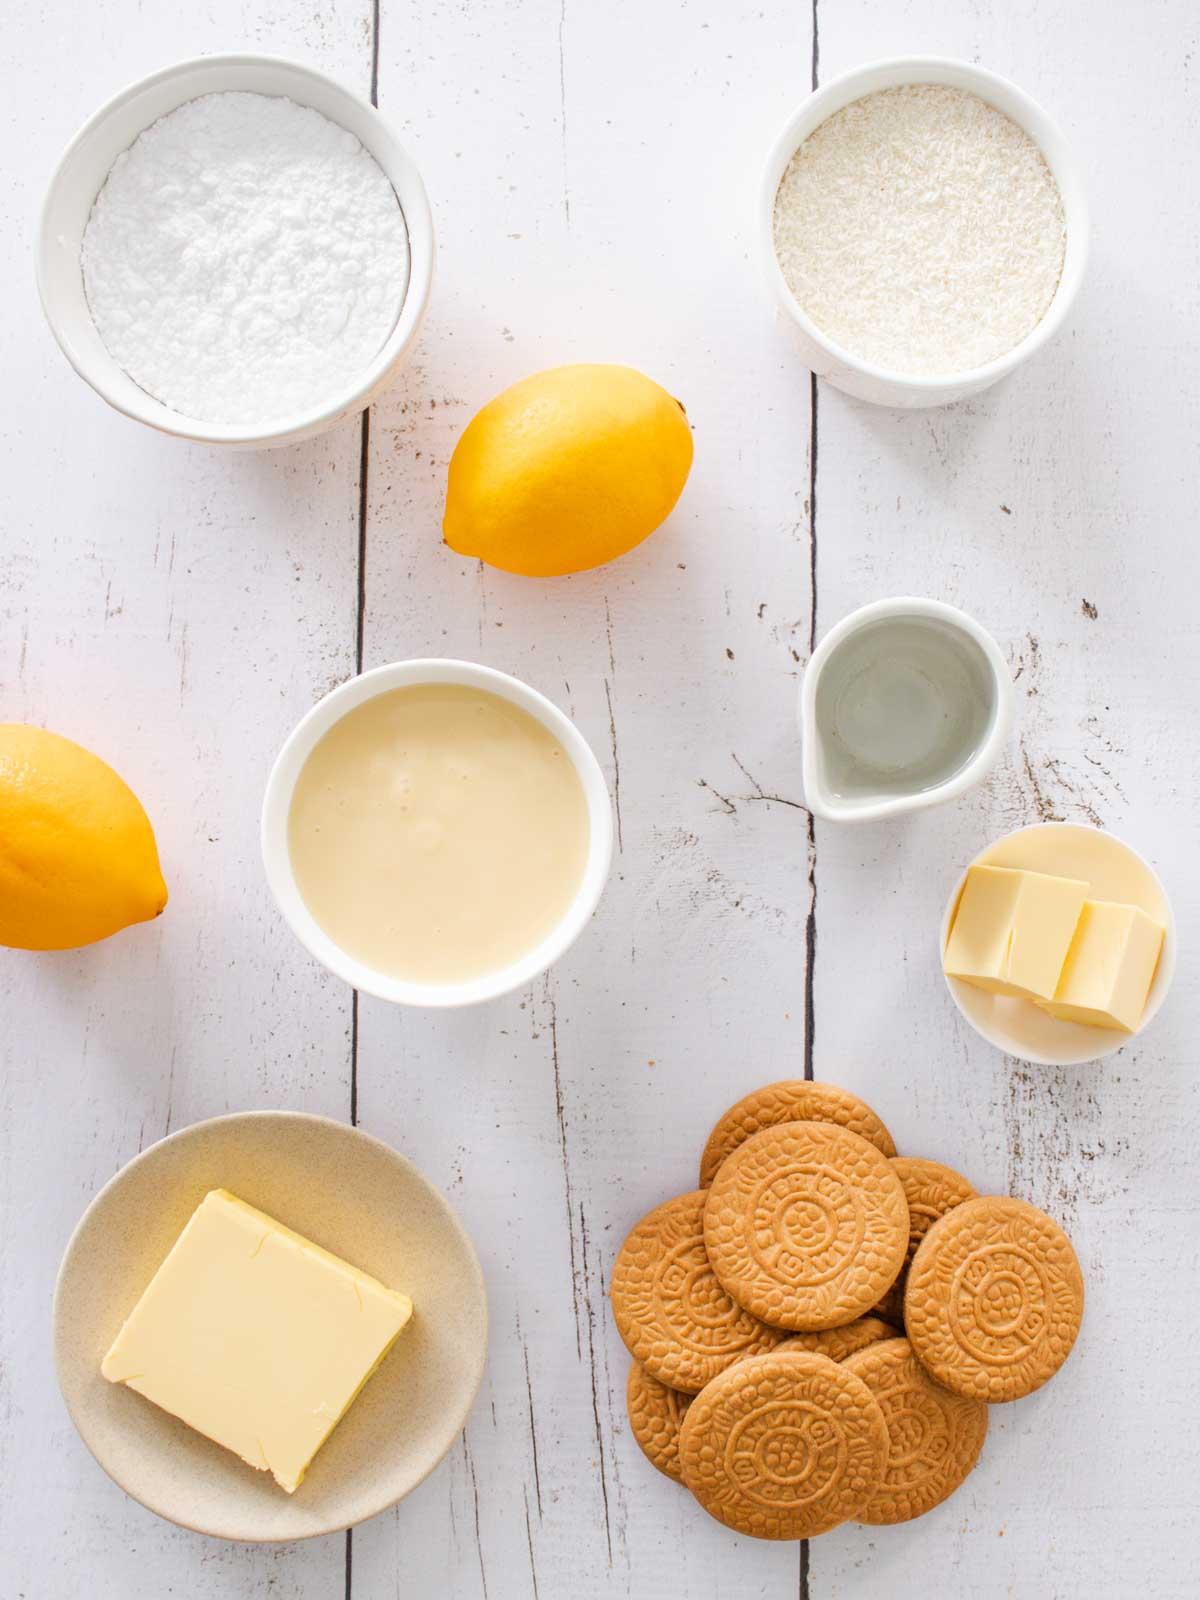 Lemon Slice Ingredients